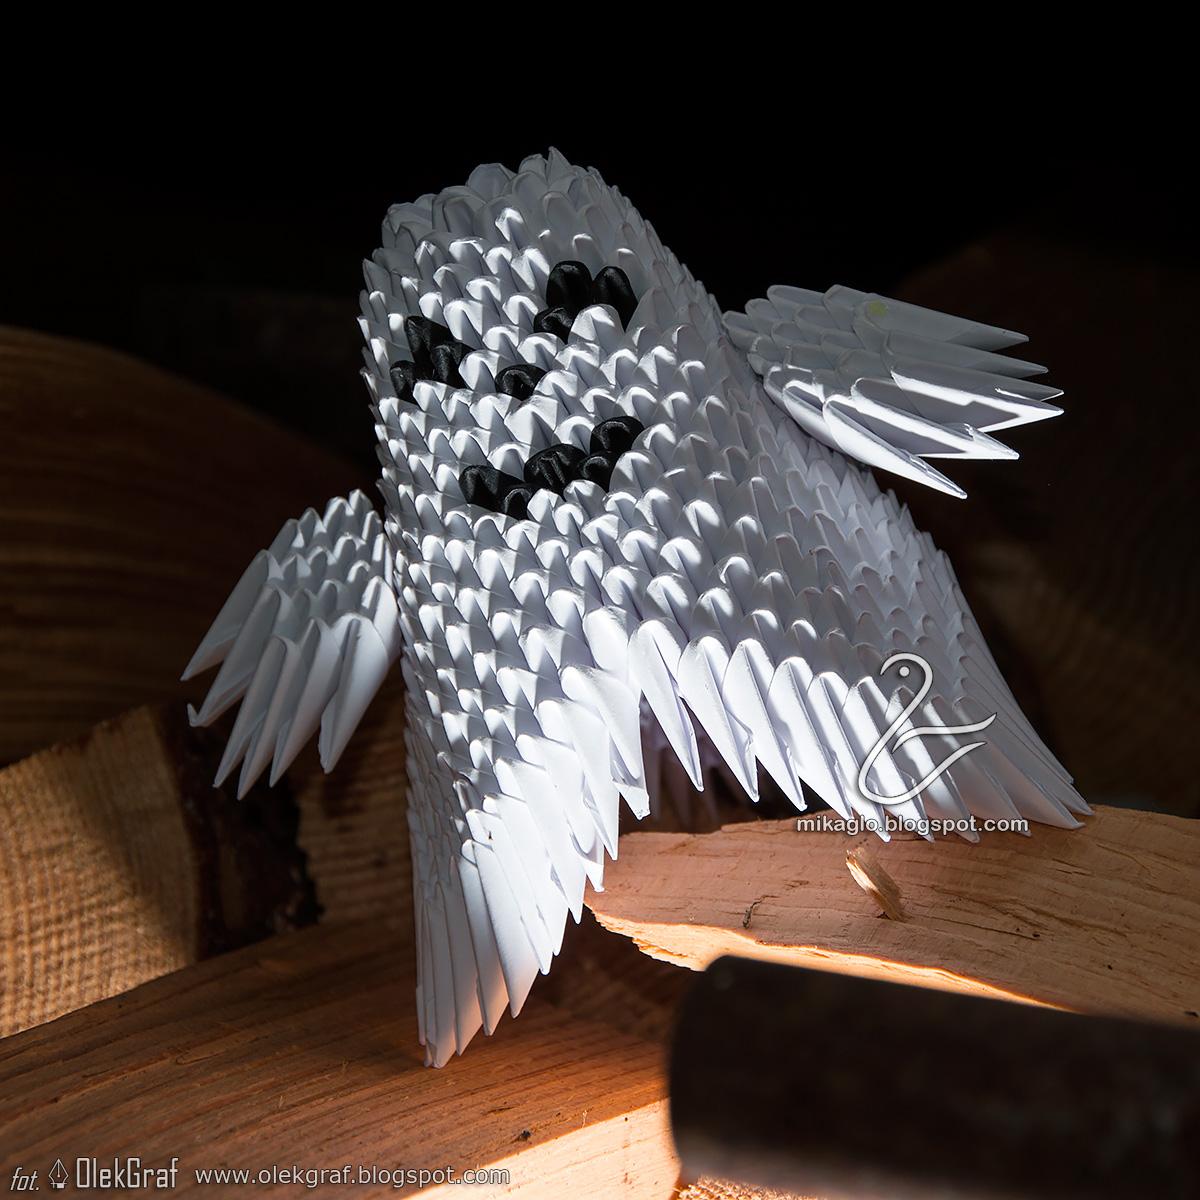 Duch Z Origami Modulowego Co Myslicie O Takiej Propozycji Na Halloween